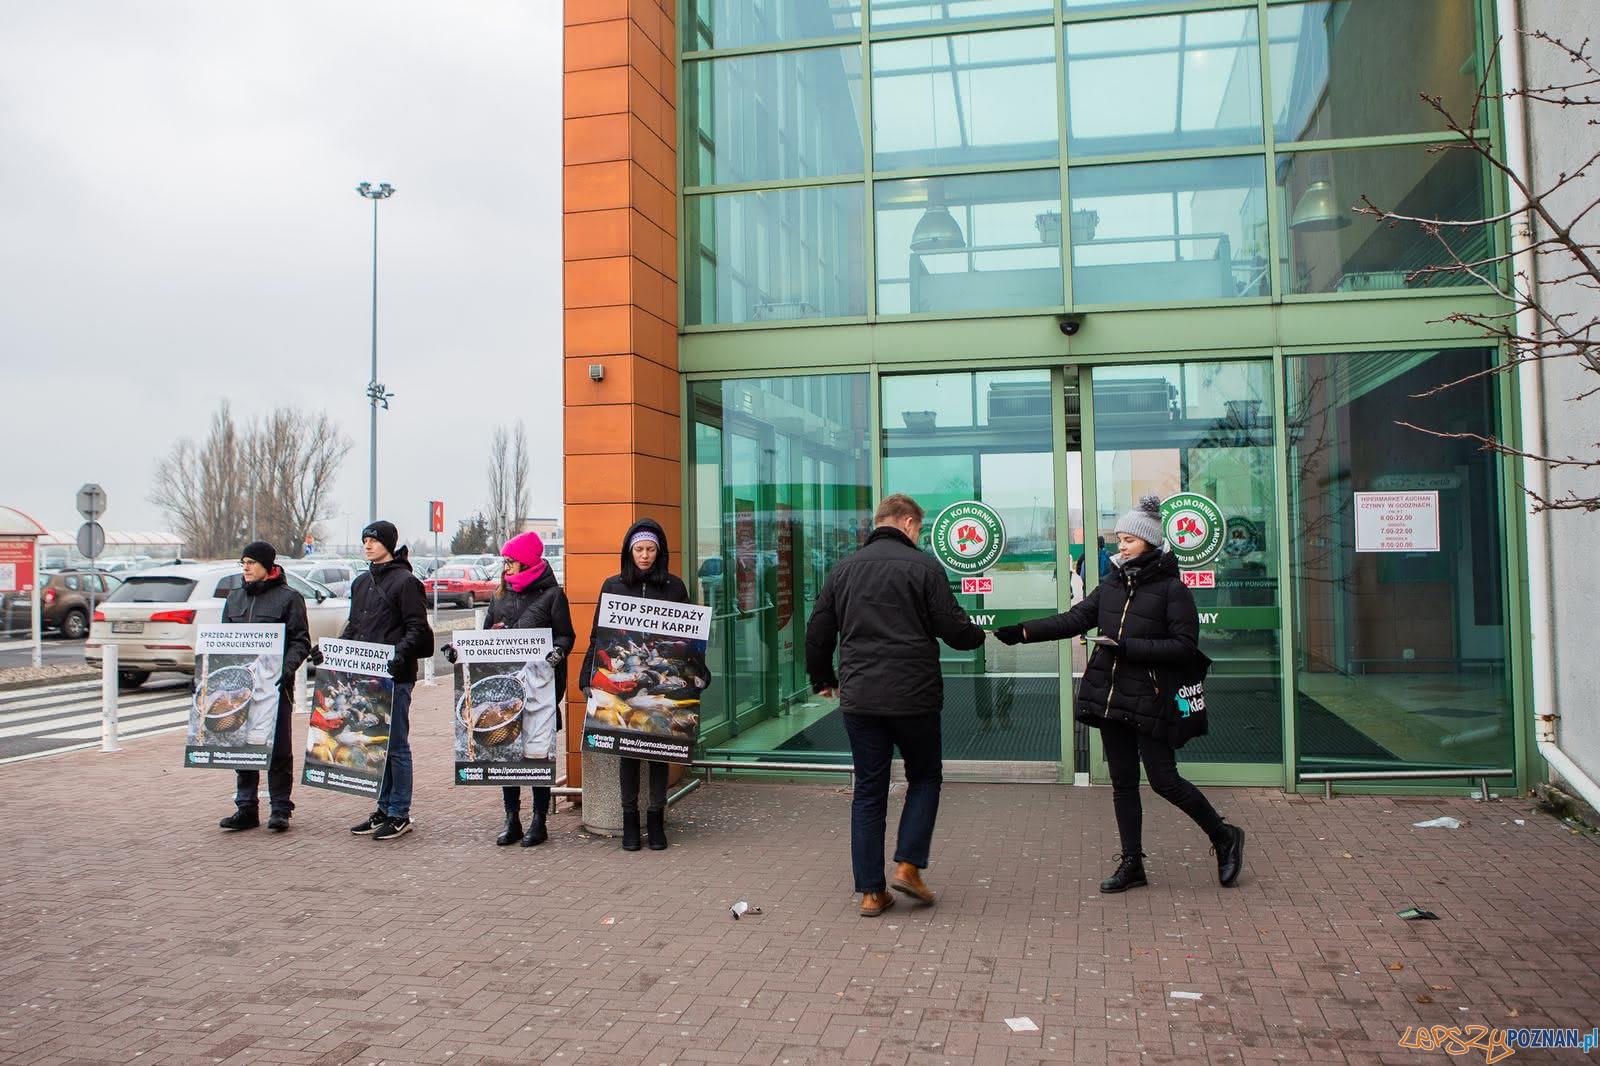 Ptotest przeciw sprzedaży żywych karpii  Foto: Otwarte Klatki / materiały prasowe